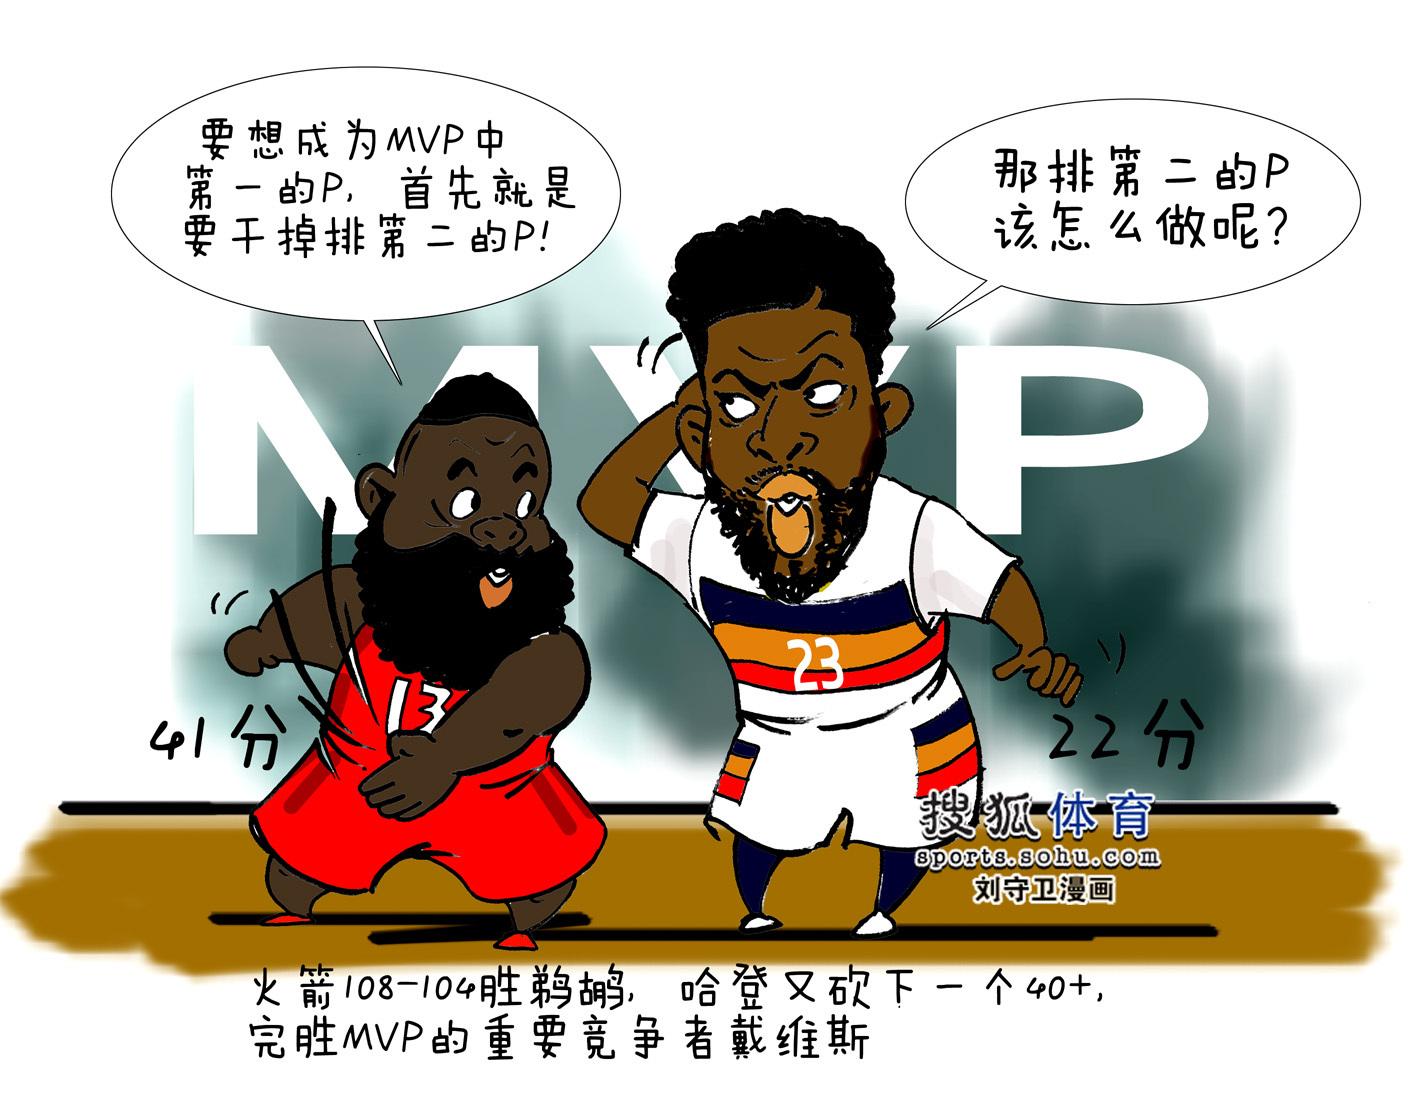 NBA漫画:哈登又狂轰40+ MVP之争第一打爆第二